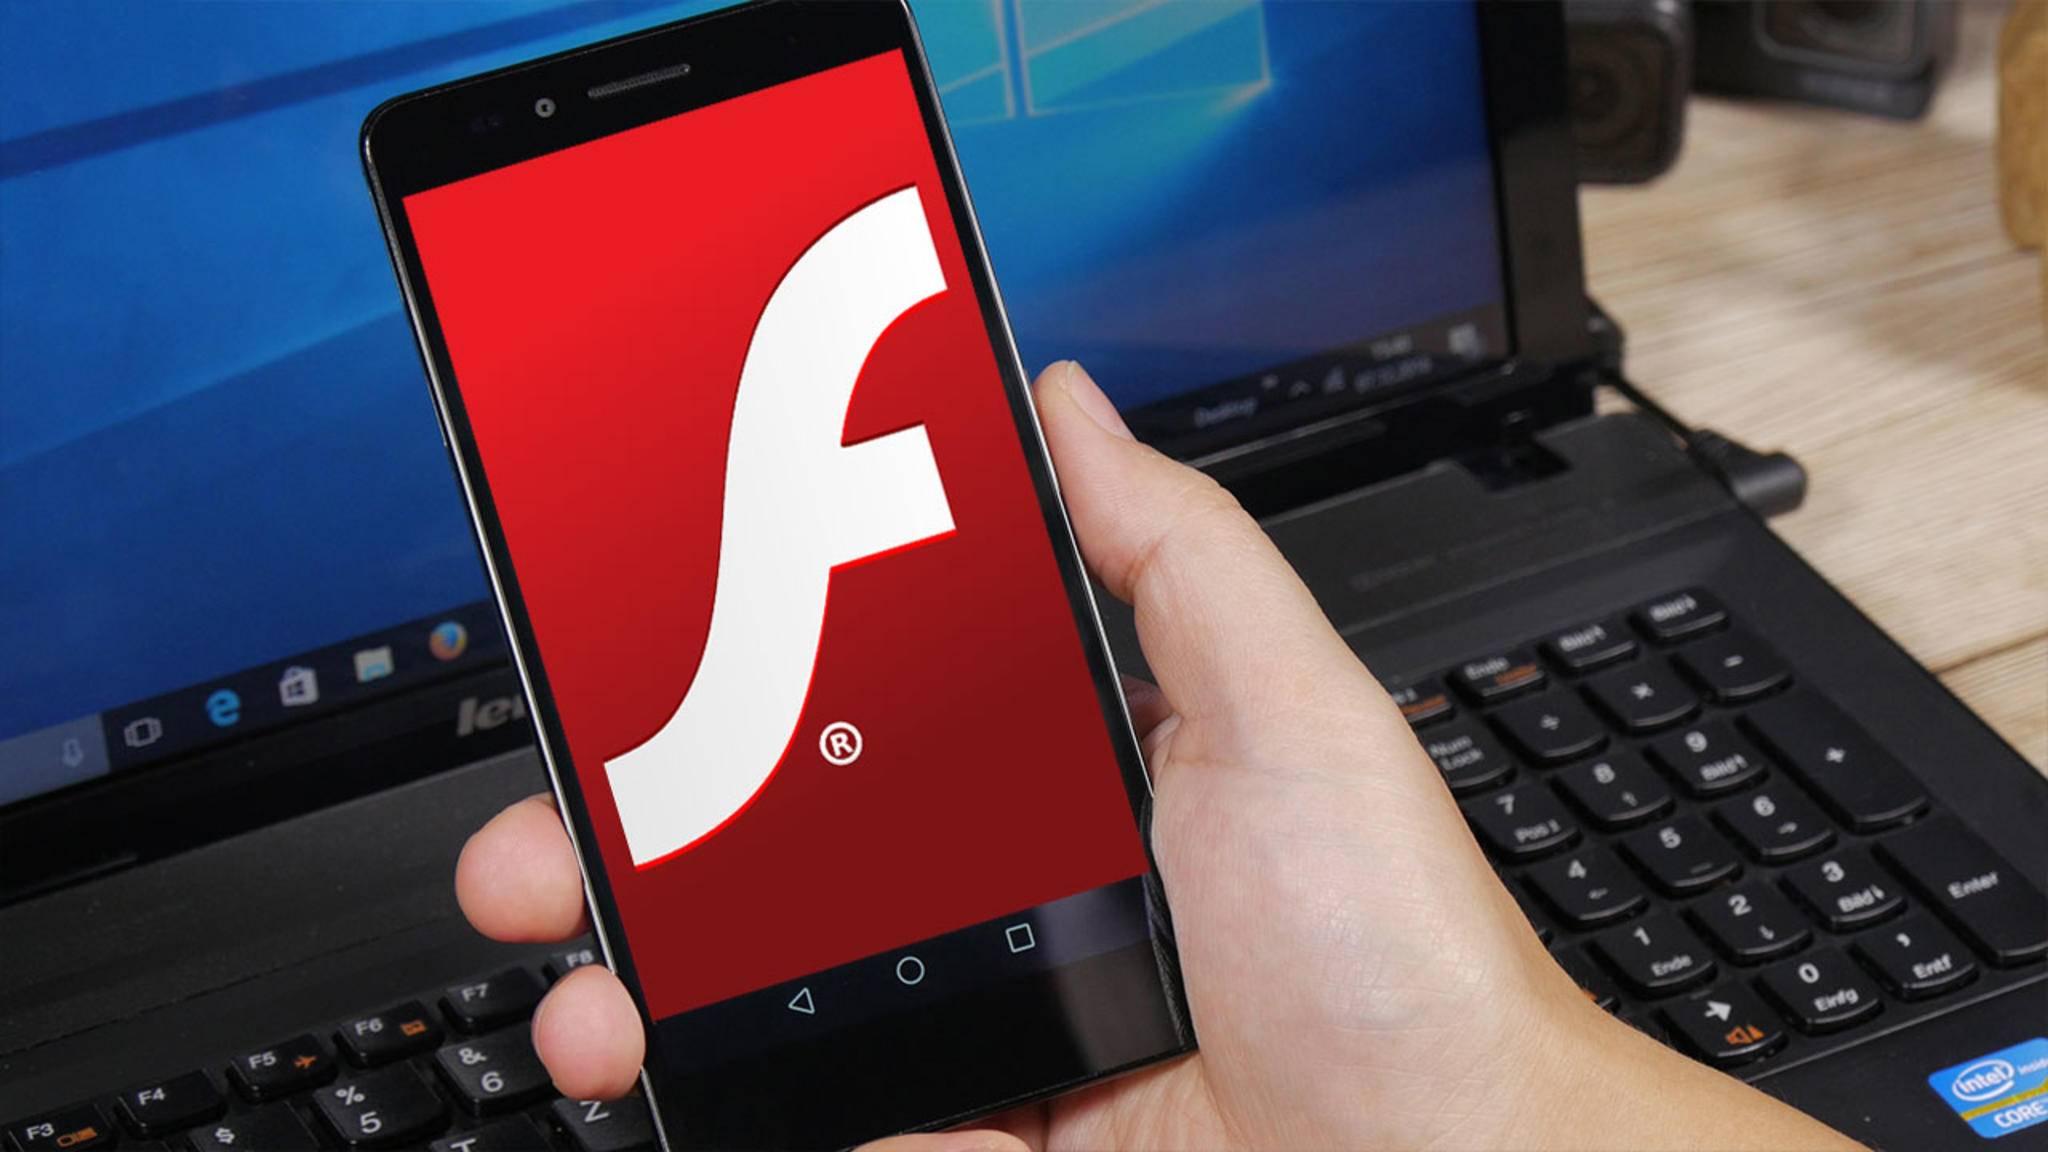 Auch auf einem Android-Gerät lässt sich ein Ersatz für den Flash-Player installieren.